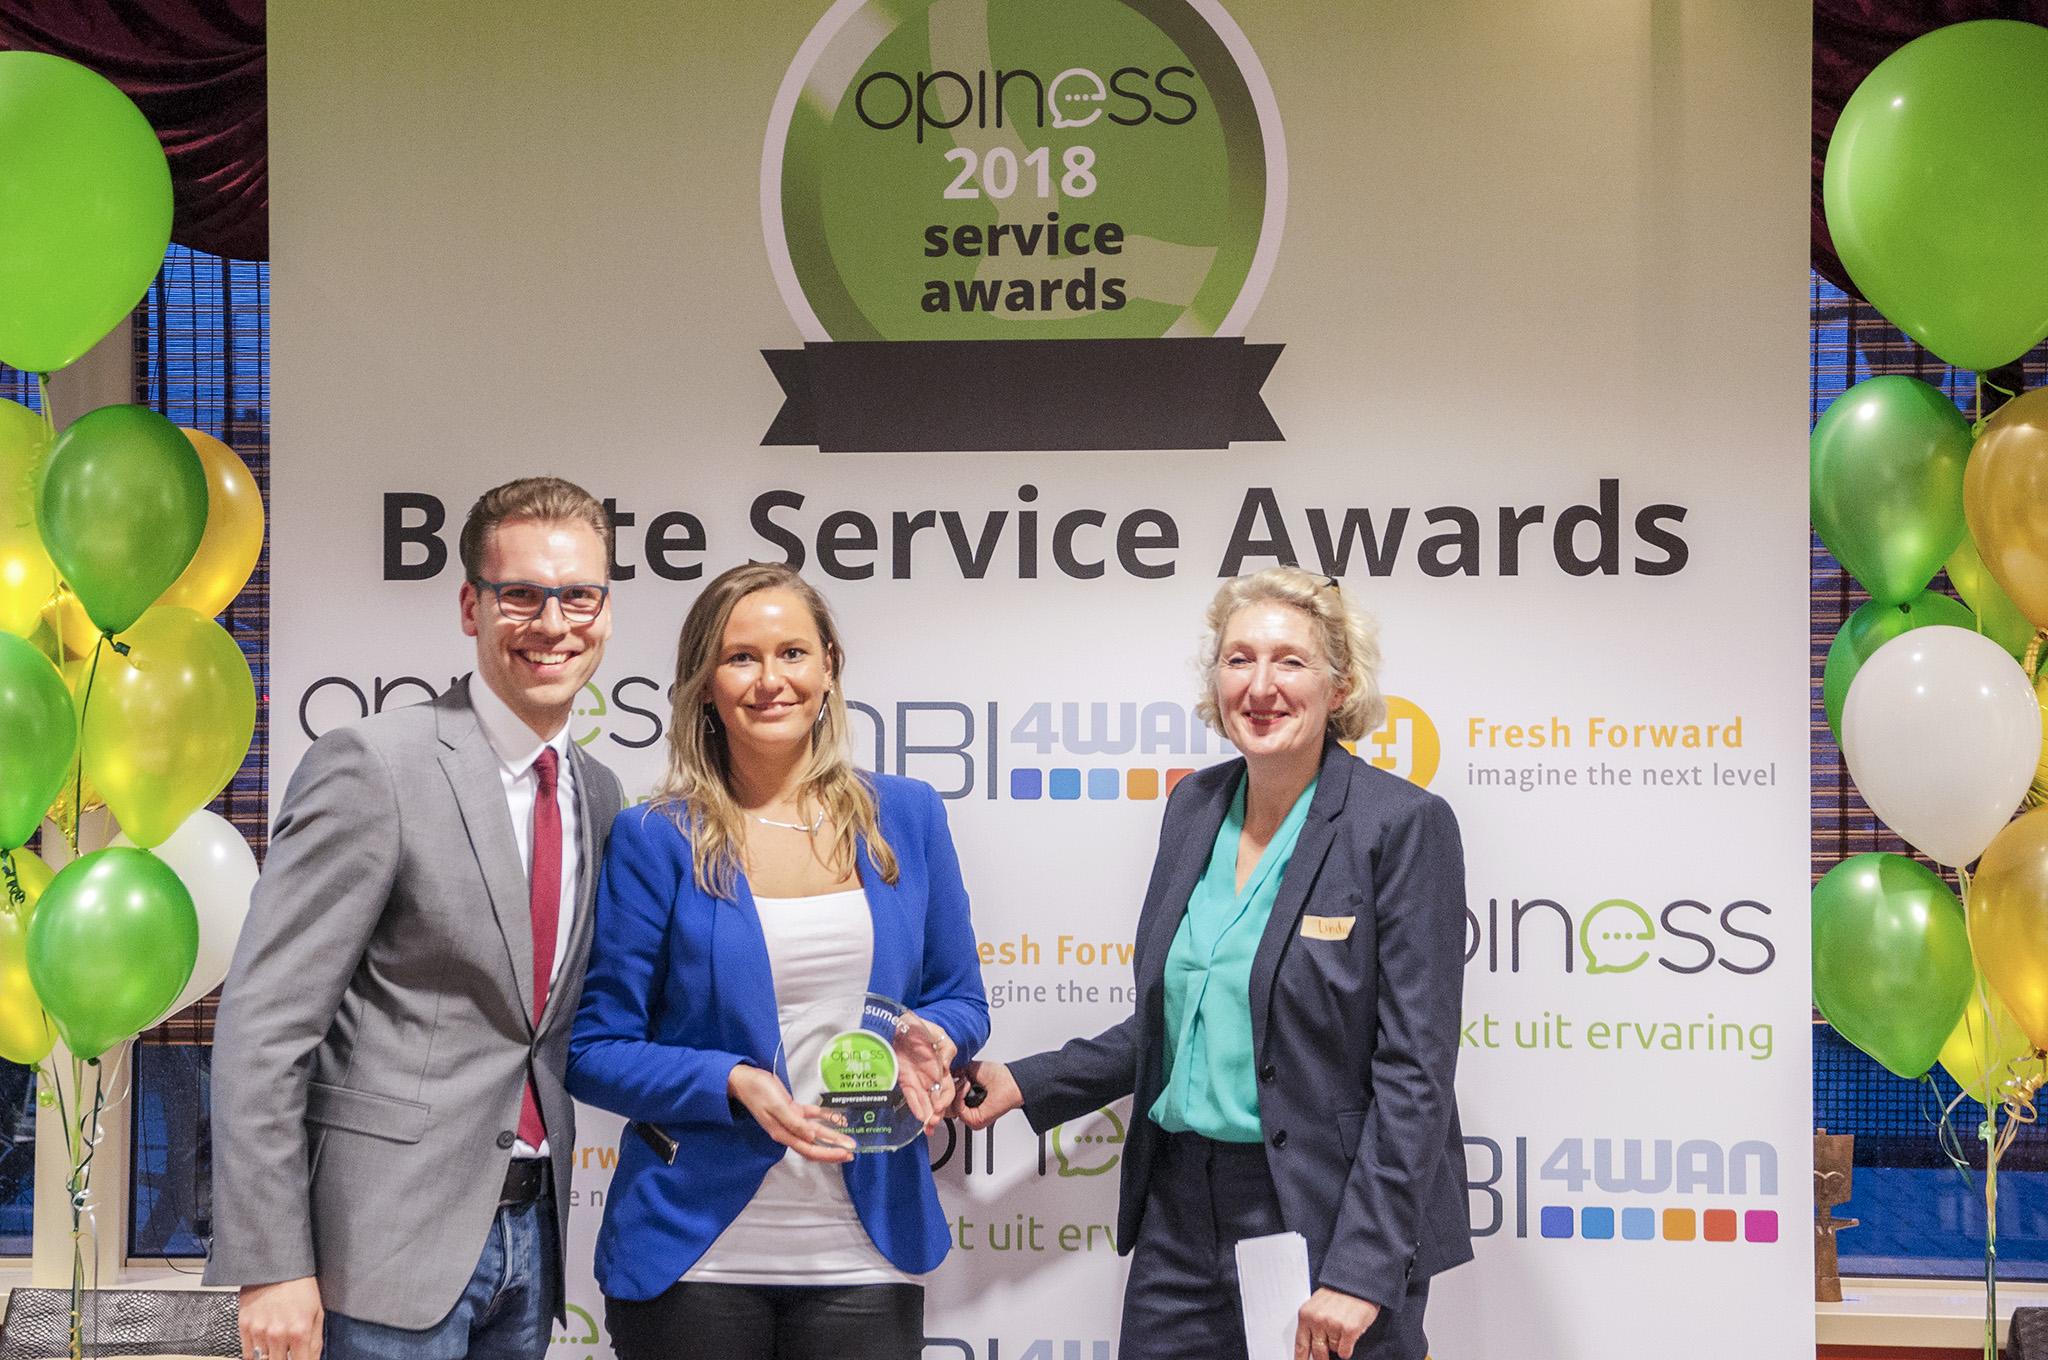 Winnaar UnitedConsumers zorgverzekeringen Opiness Service Award